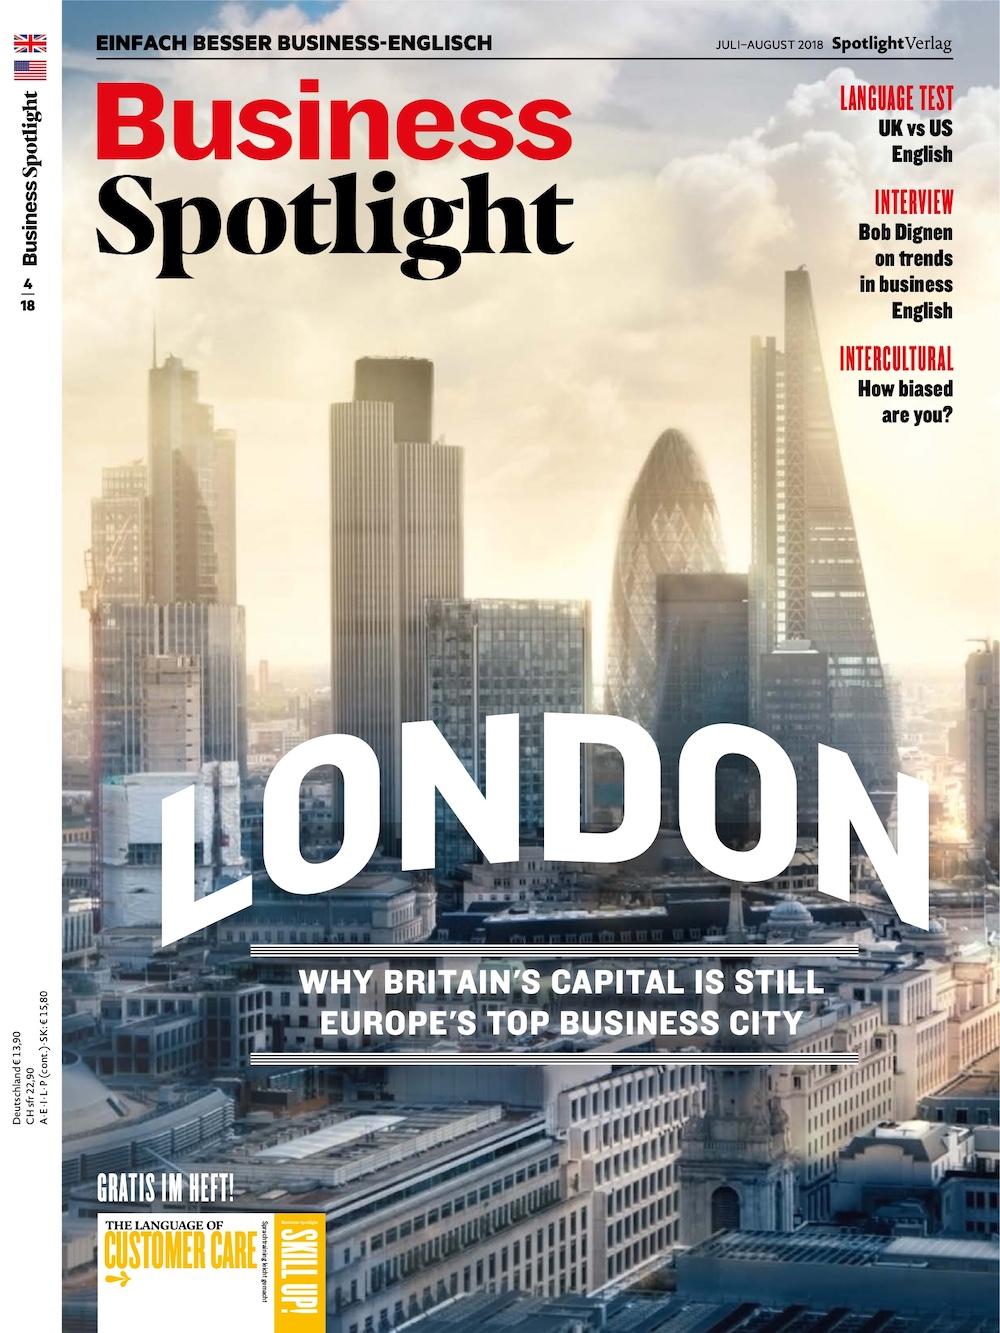 Business Spotlight 2018-07-08